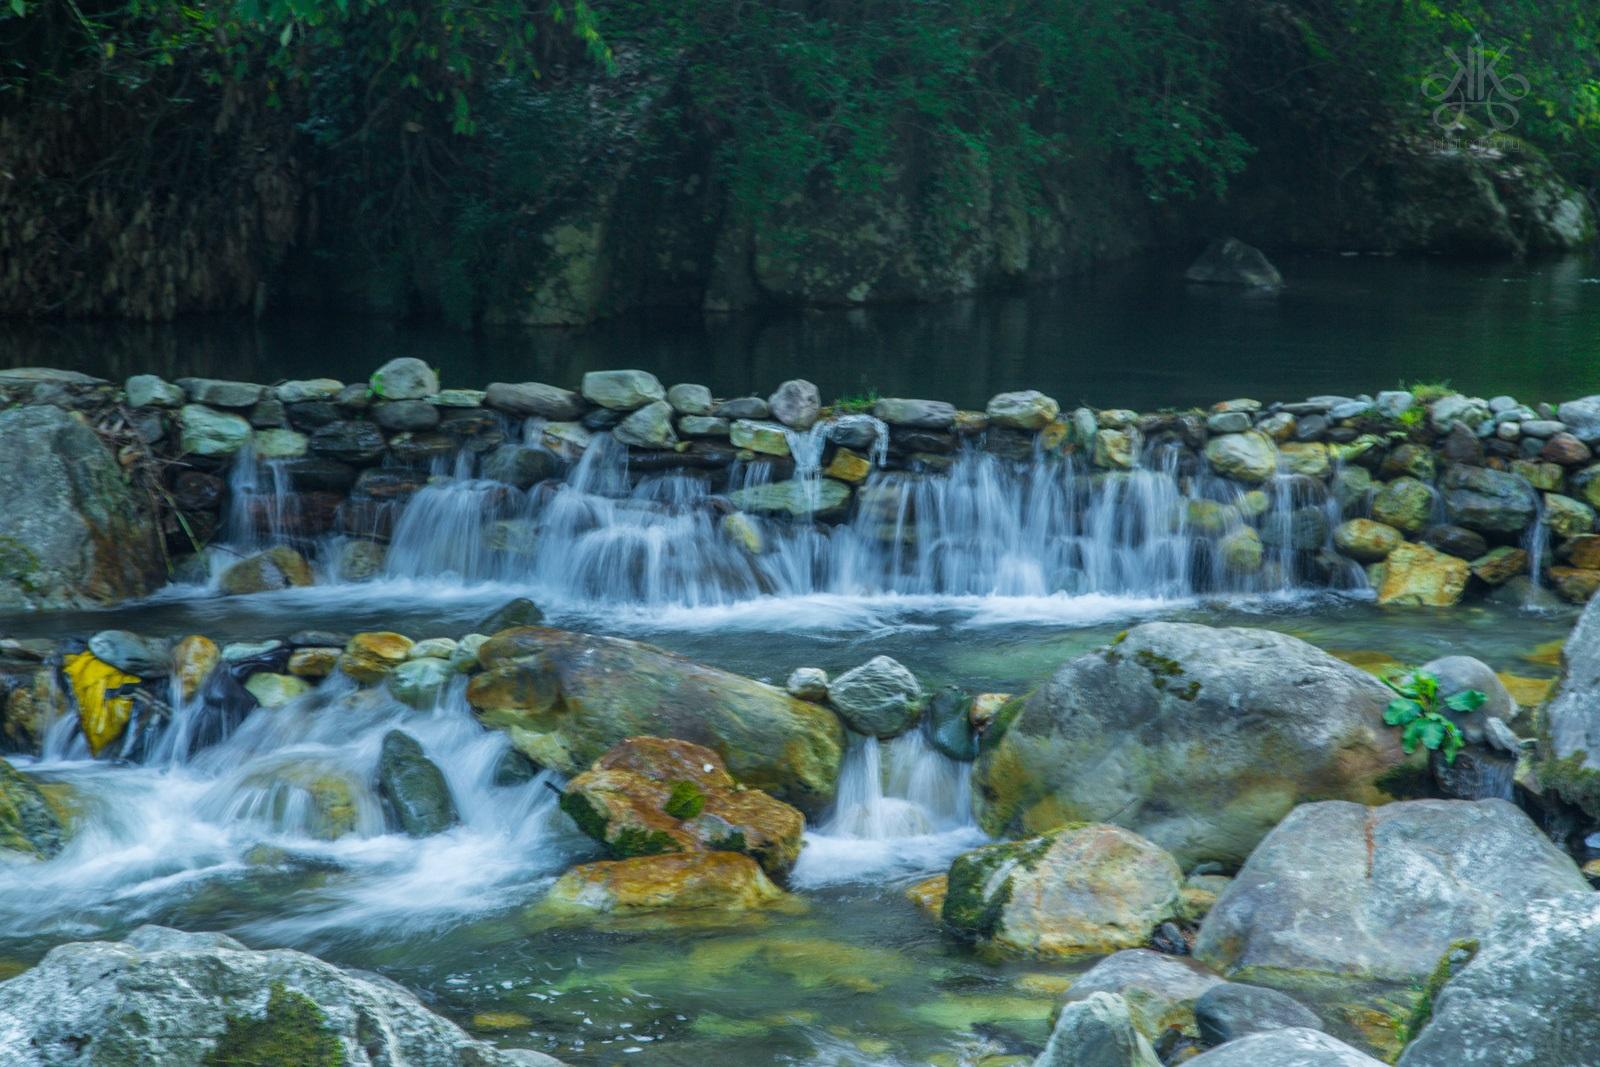 KaynatKazi_photograph_Himalayas_waterfall_jibhi_-1_2015